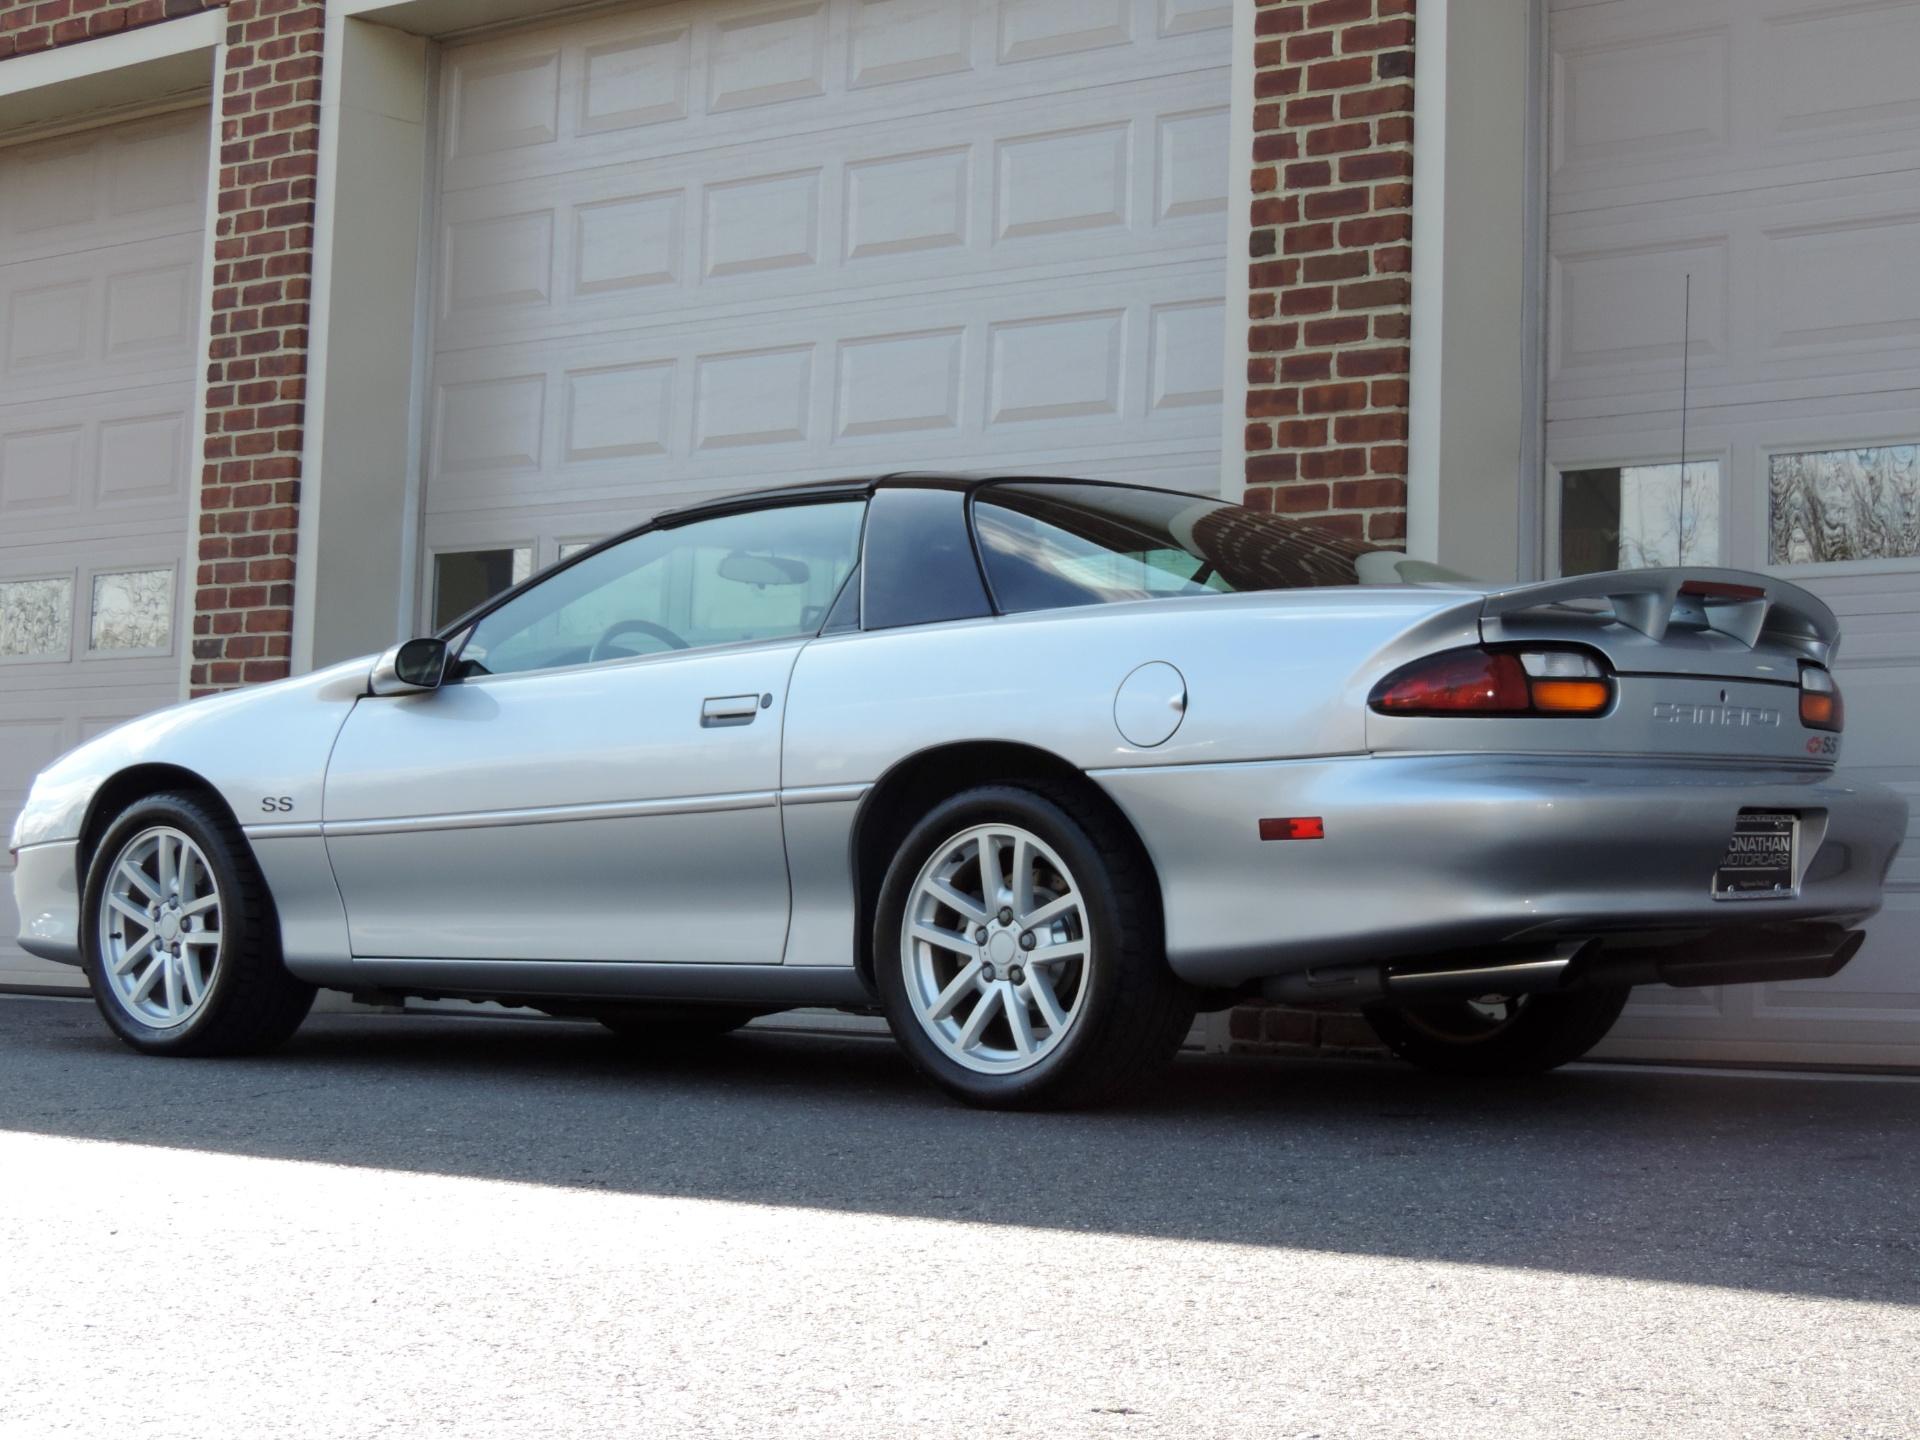 2002 Chevrolet Camaro Z28 Ss Stock 167652 For Sale Near